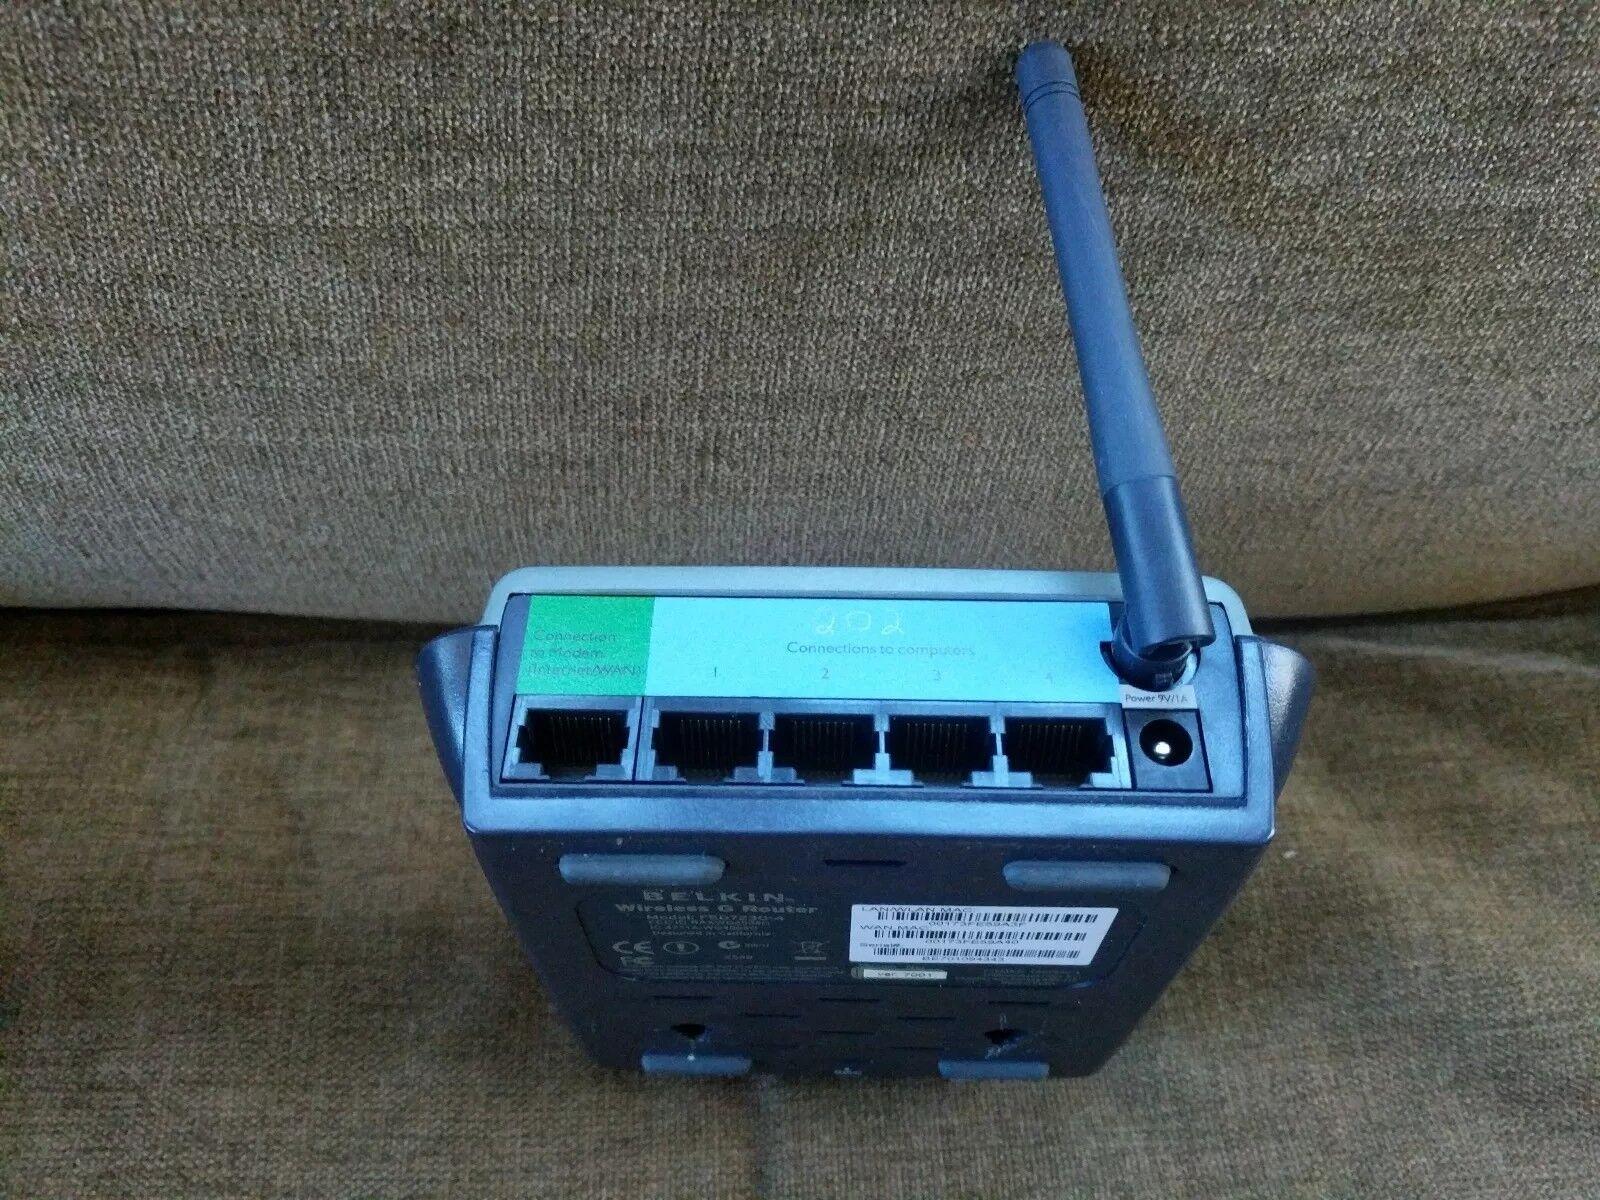 Belkin F5D7230UK4 54 Mbps 4-Port 10/100 Wireless G Router | eBay